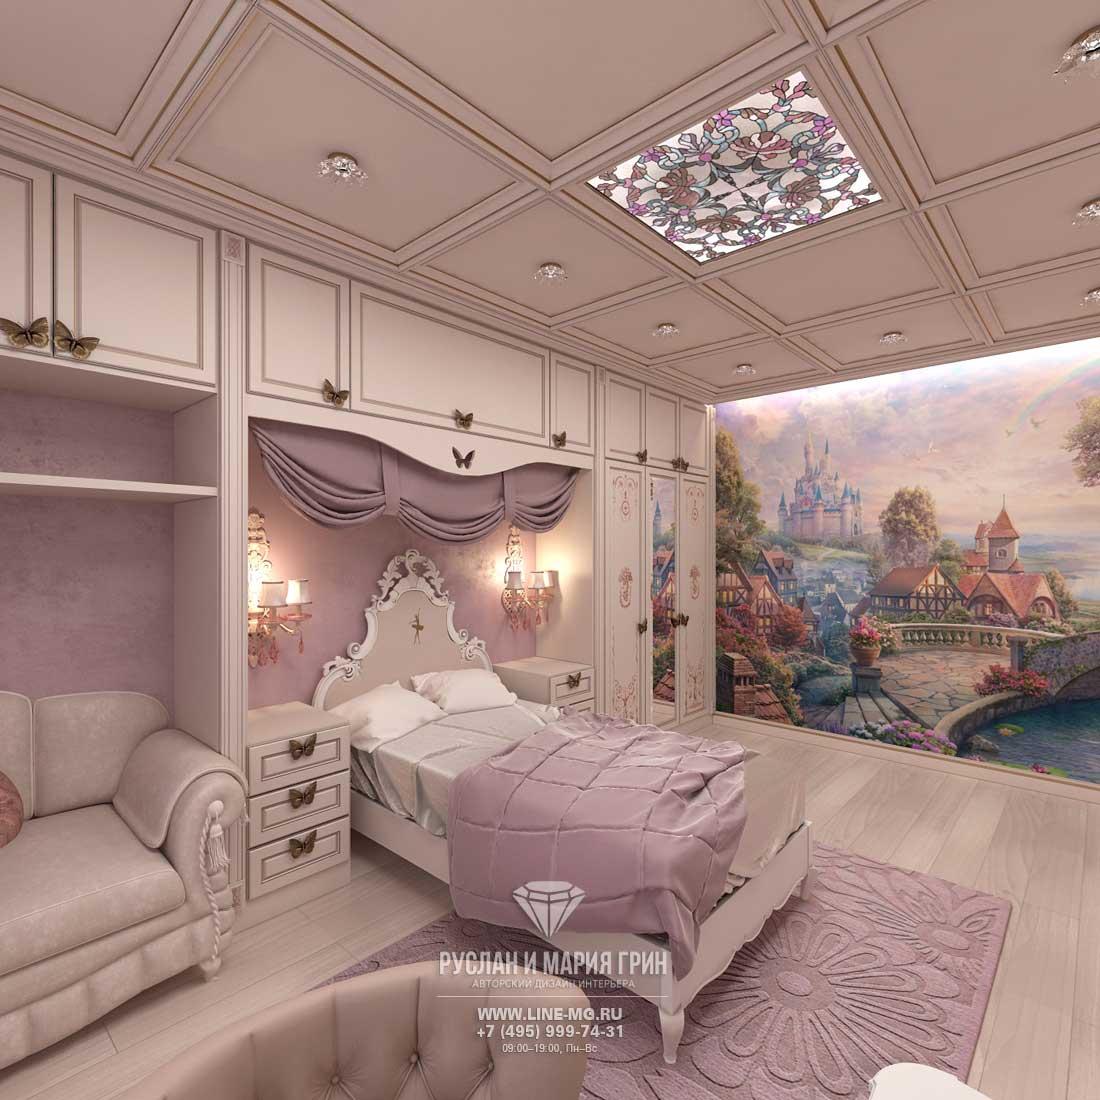 Фото интерьера детской комнаты